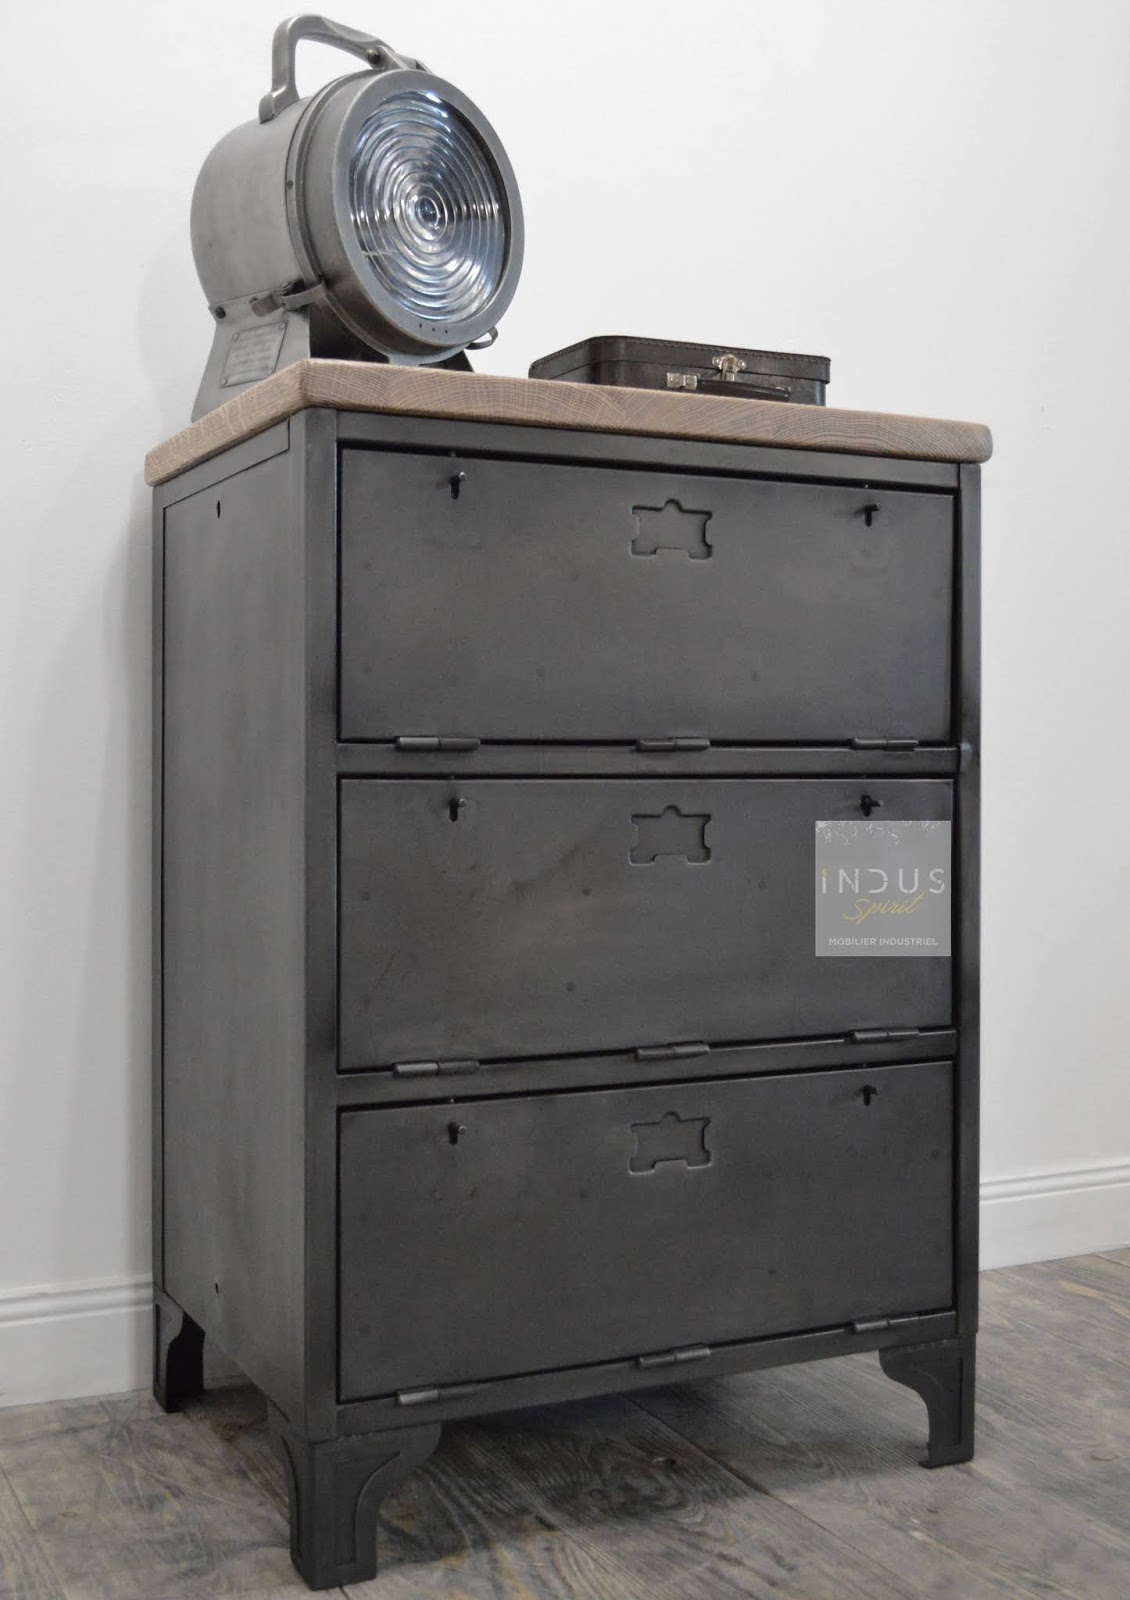 Meuble industriel d coration industrielle meuble de m tier lyon boutique indus spirit for Meuble de rangement industriel